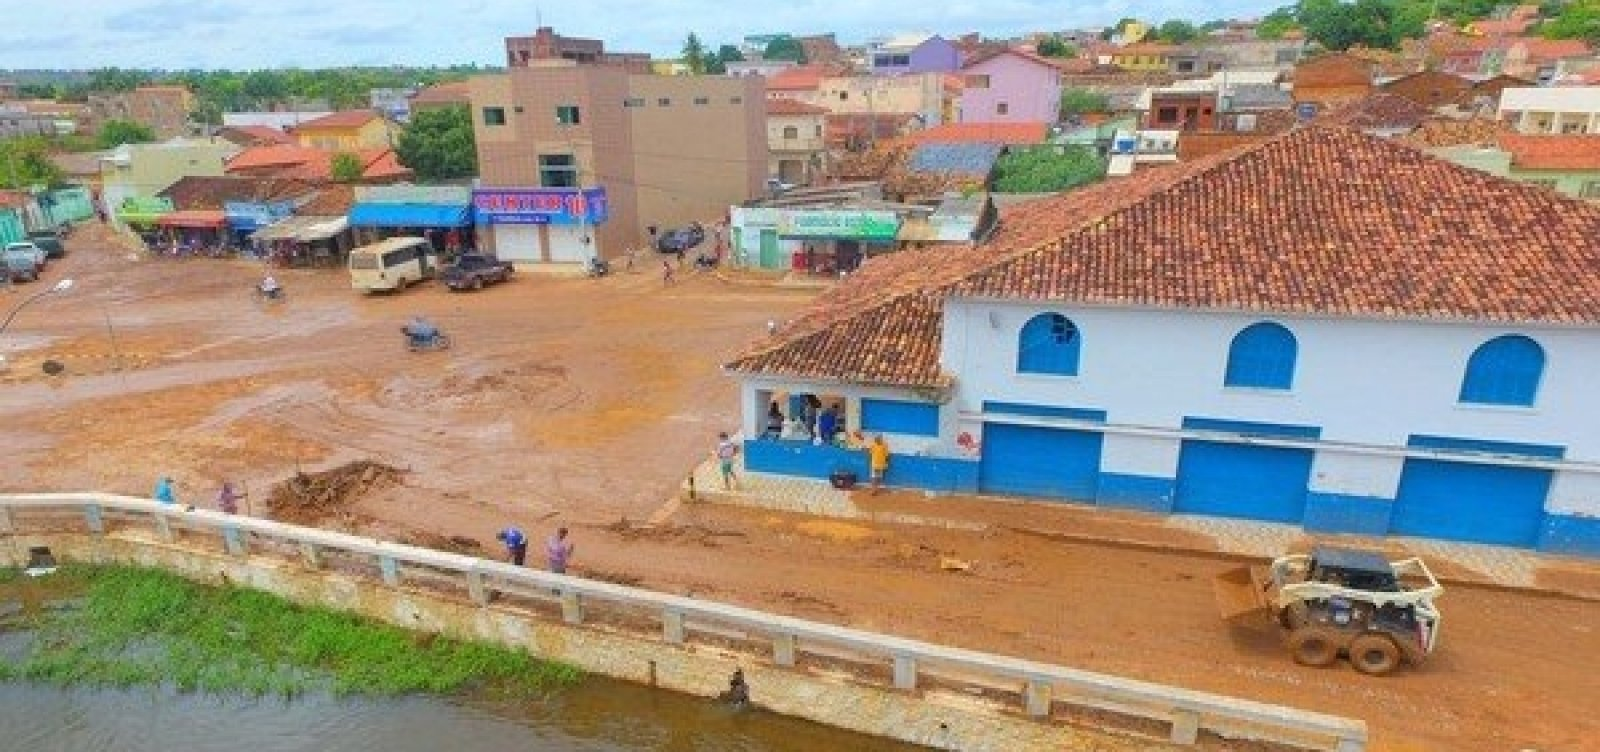 Prefeitura de Correntina decreta situação de emergência após fortes chuvas